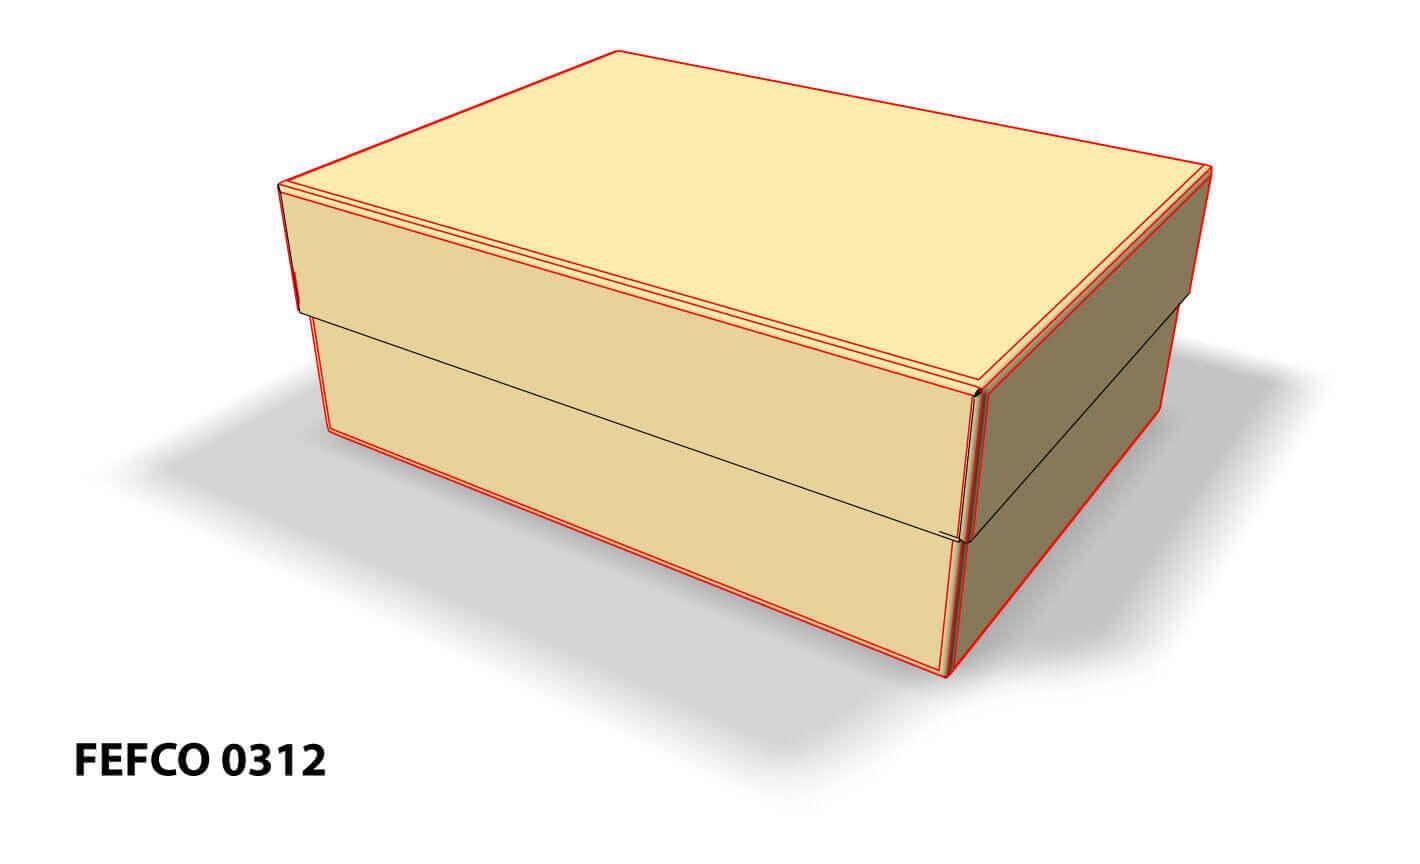 Imagen 3D de caja fefco 0312 con tapa y líneas de plegado